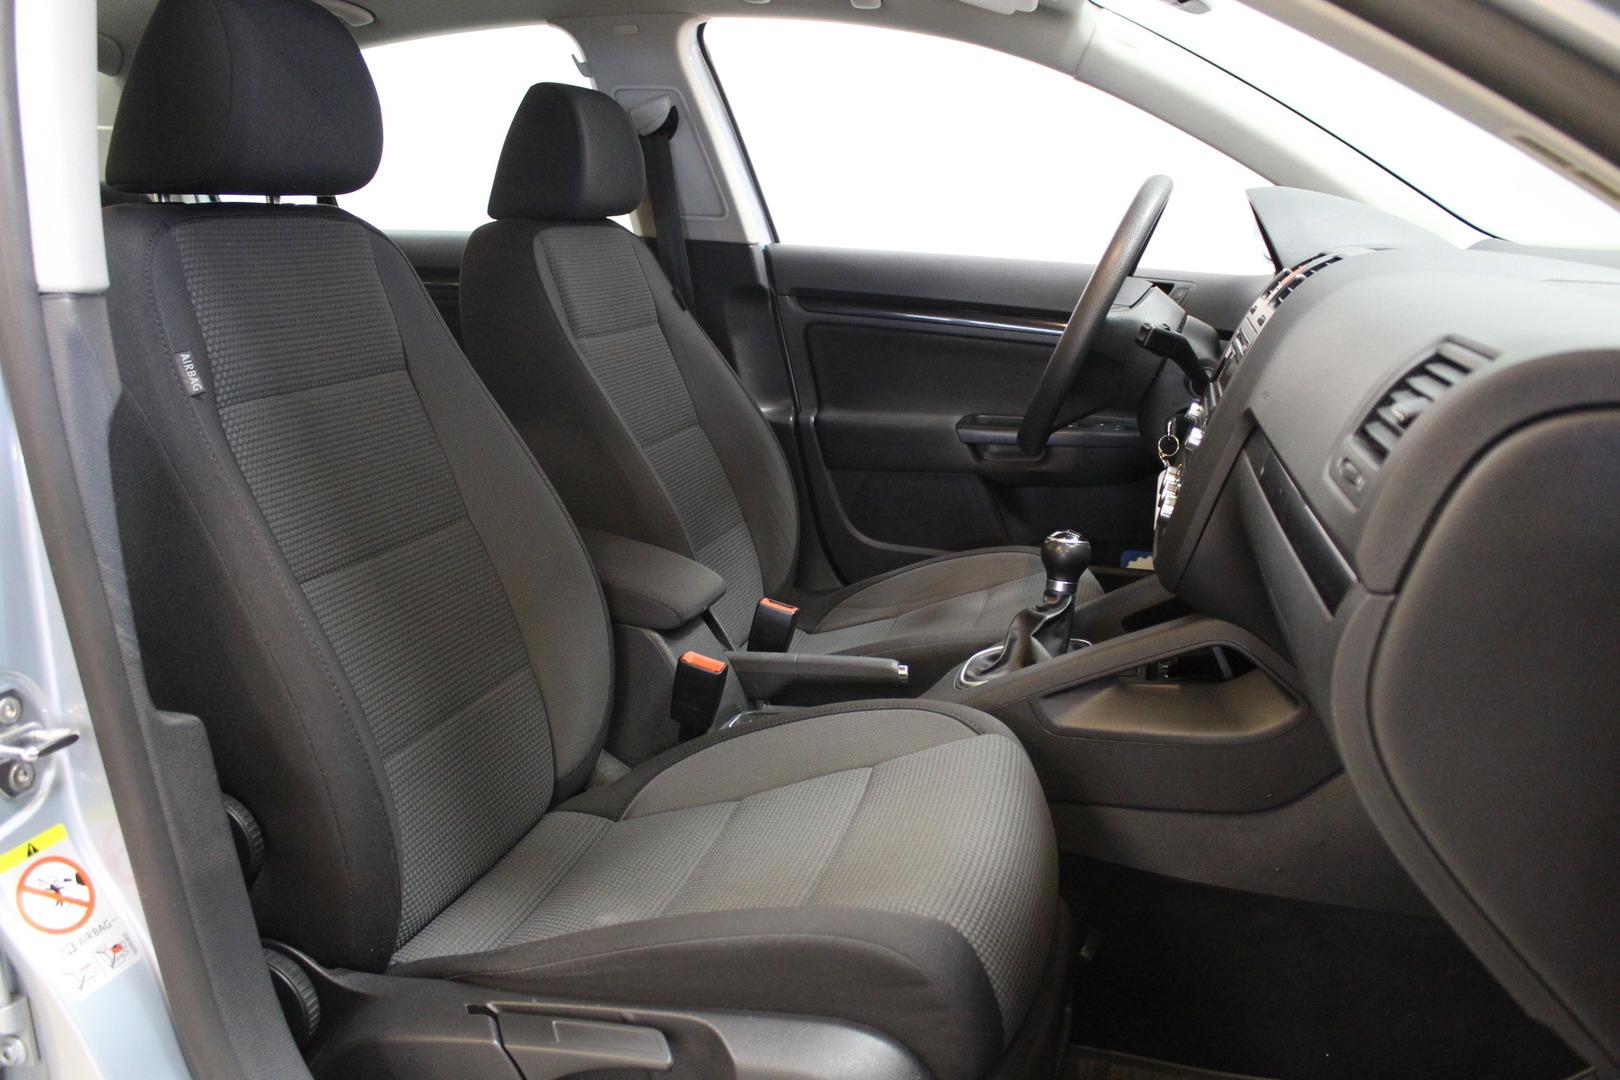 Volkswagen Jetta, 1,4 TSI 122hv Comfortline #1-omisteinen #Merkkiliikkeen huoltohistoria #Vakkari